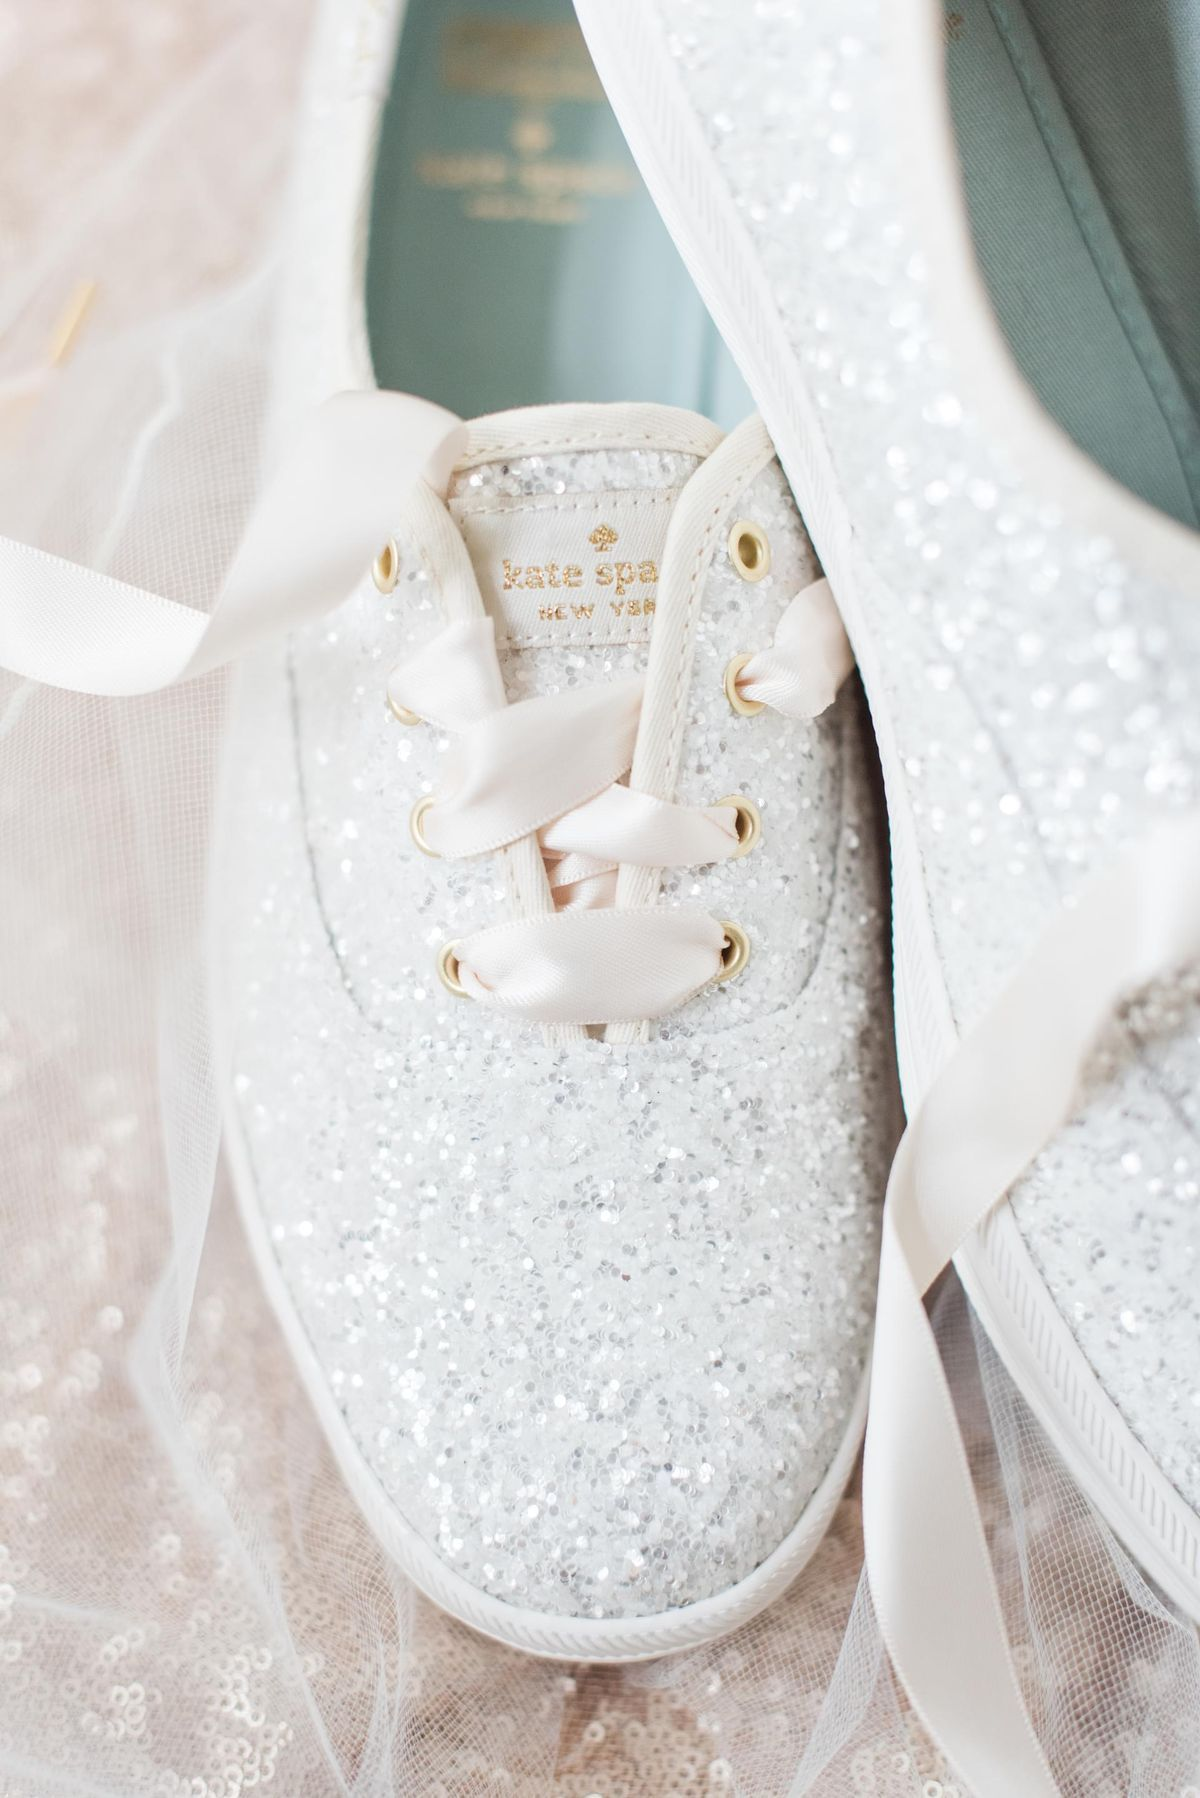 schuhe hochzeit winter 30 beste Outfits | Schuhe hochzeit, beste ...